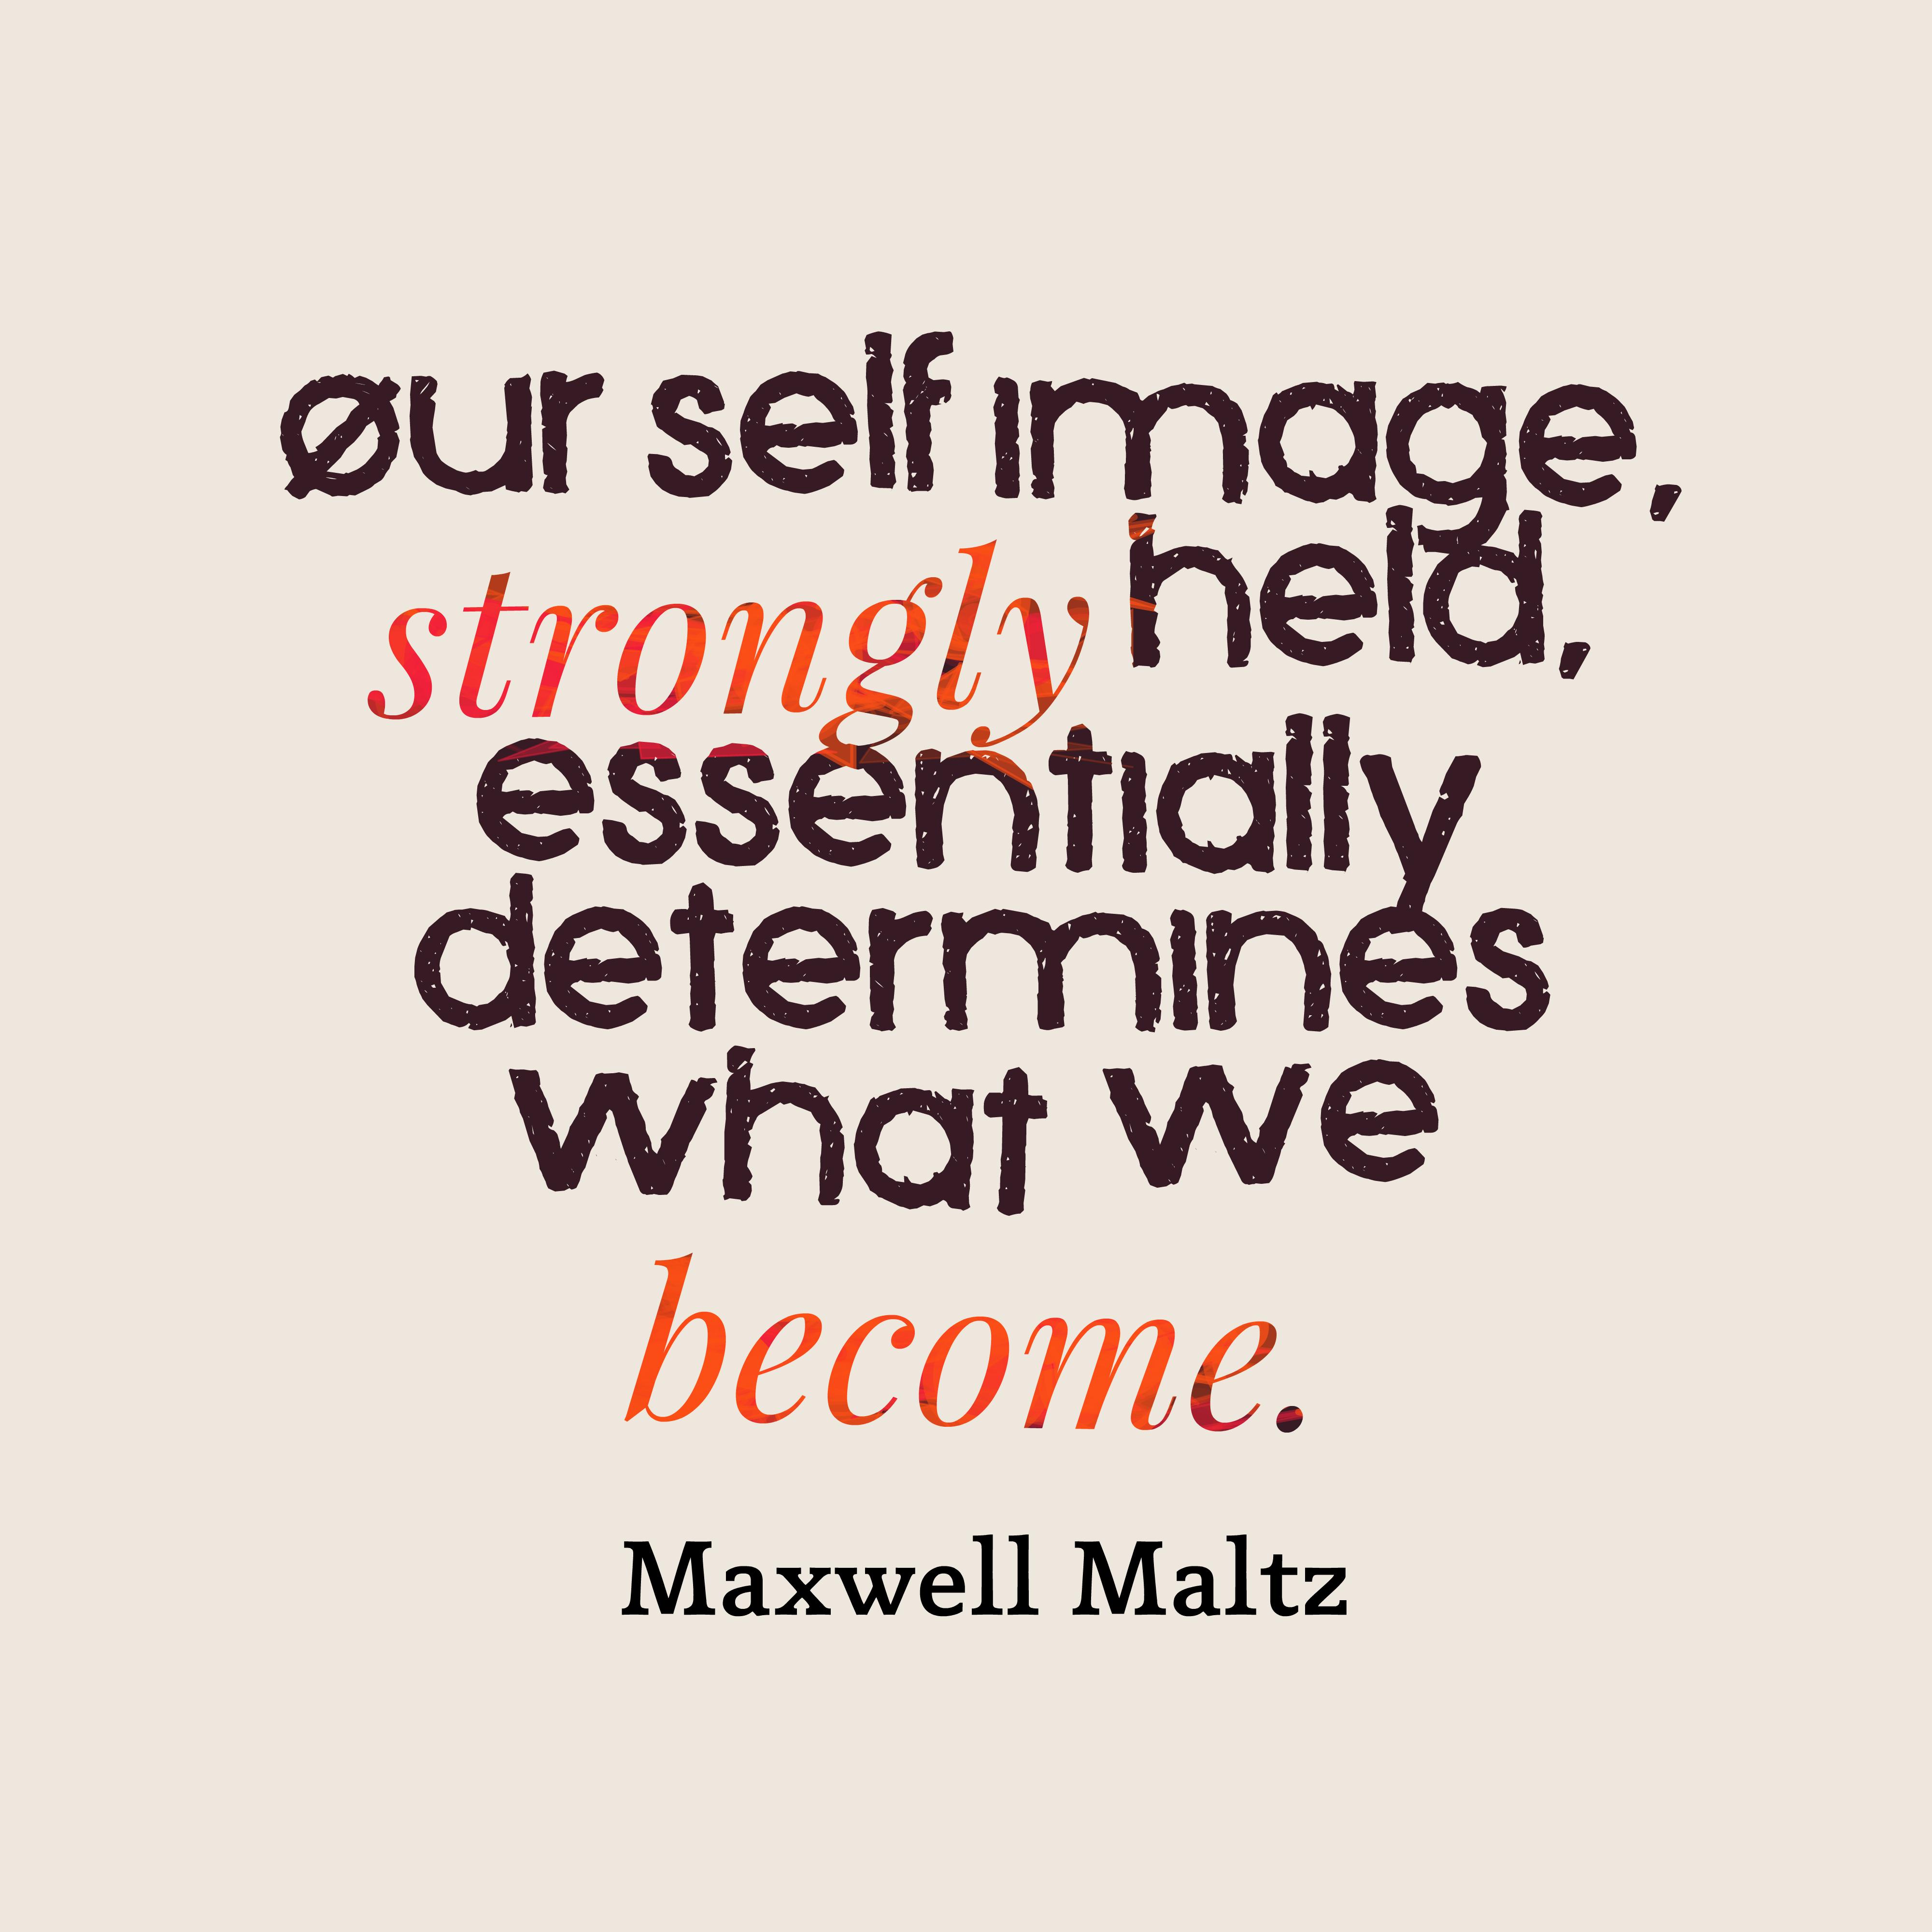 Http Www Quotes Sayings Com Utm Content Bufferdf5b0 Utm Medium Social Utm Source Pinterest Com Utm Campaign Self Image Quotes Self Belief Quotes Self Quotes